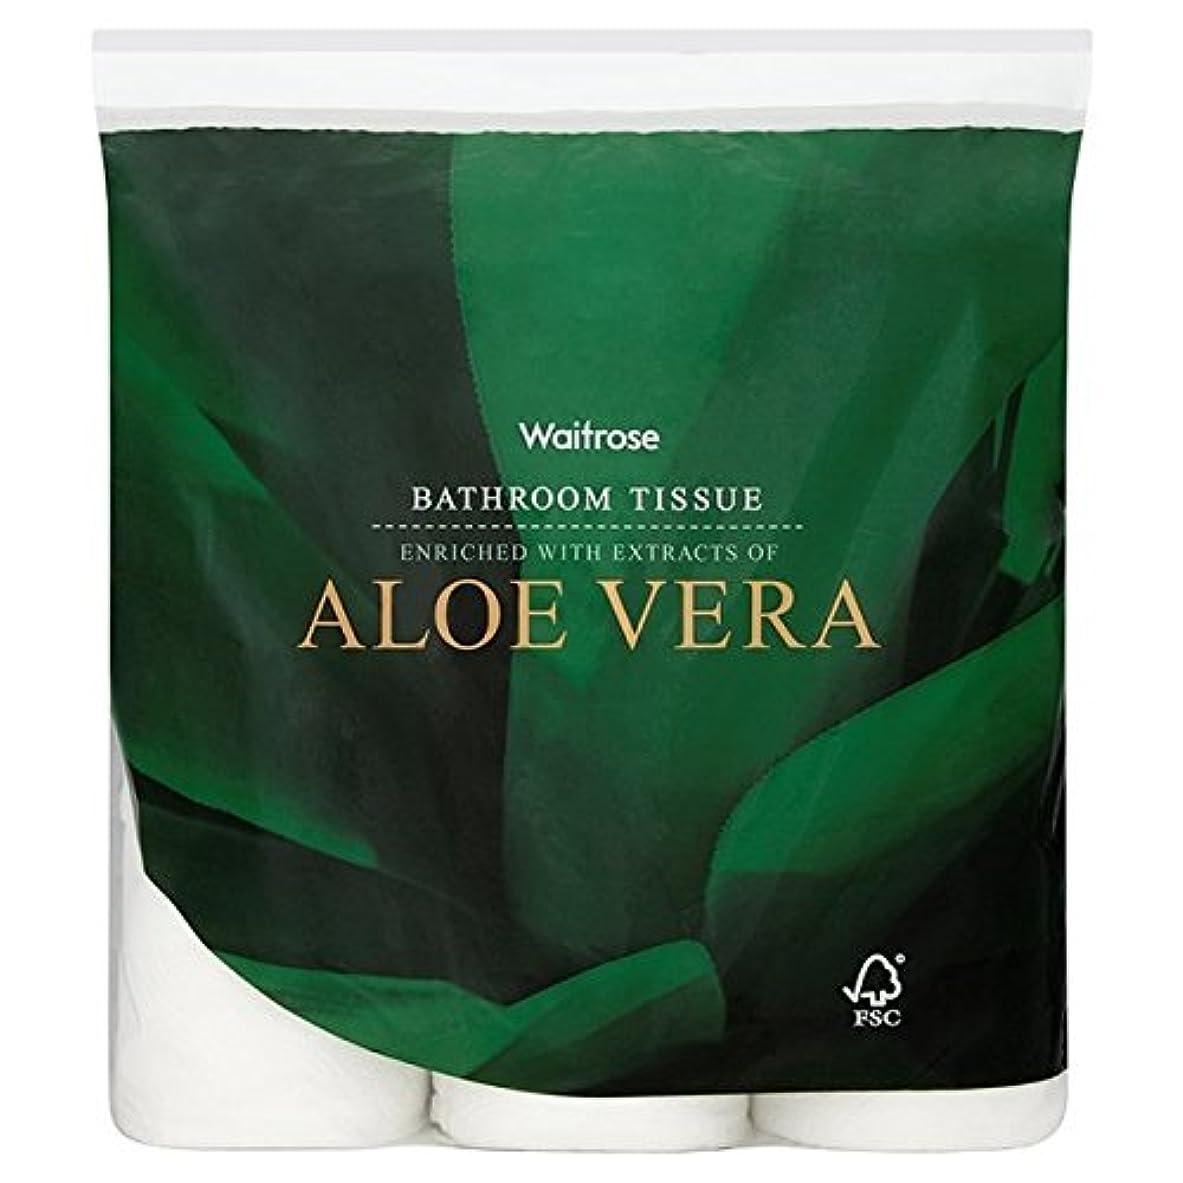 収容する買収負パックあたりアロエベラ浴室組織白ウェイトローズ9 x4 - Aloe Vera Bathroom Tissue White Waitrose 9 per pack (Pack of 4) [並行輸入品]